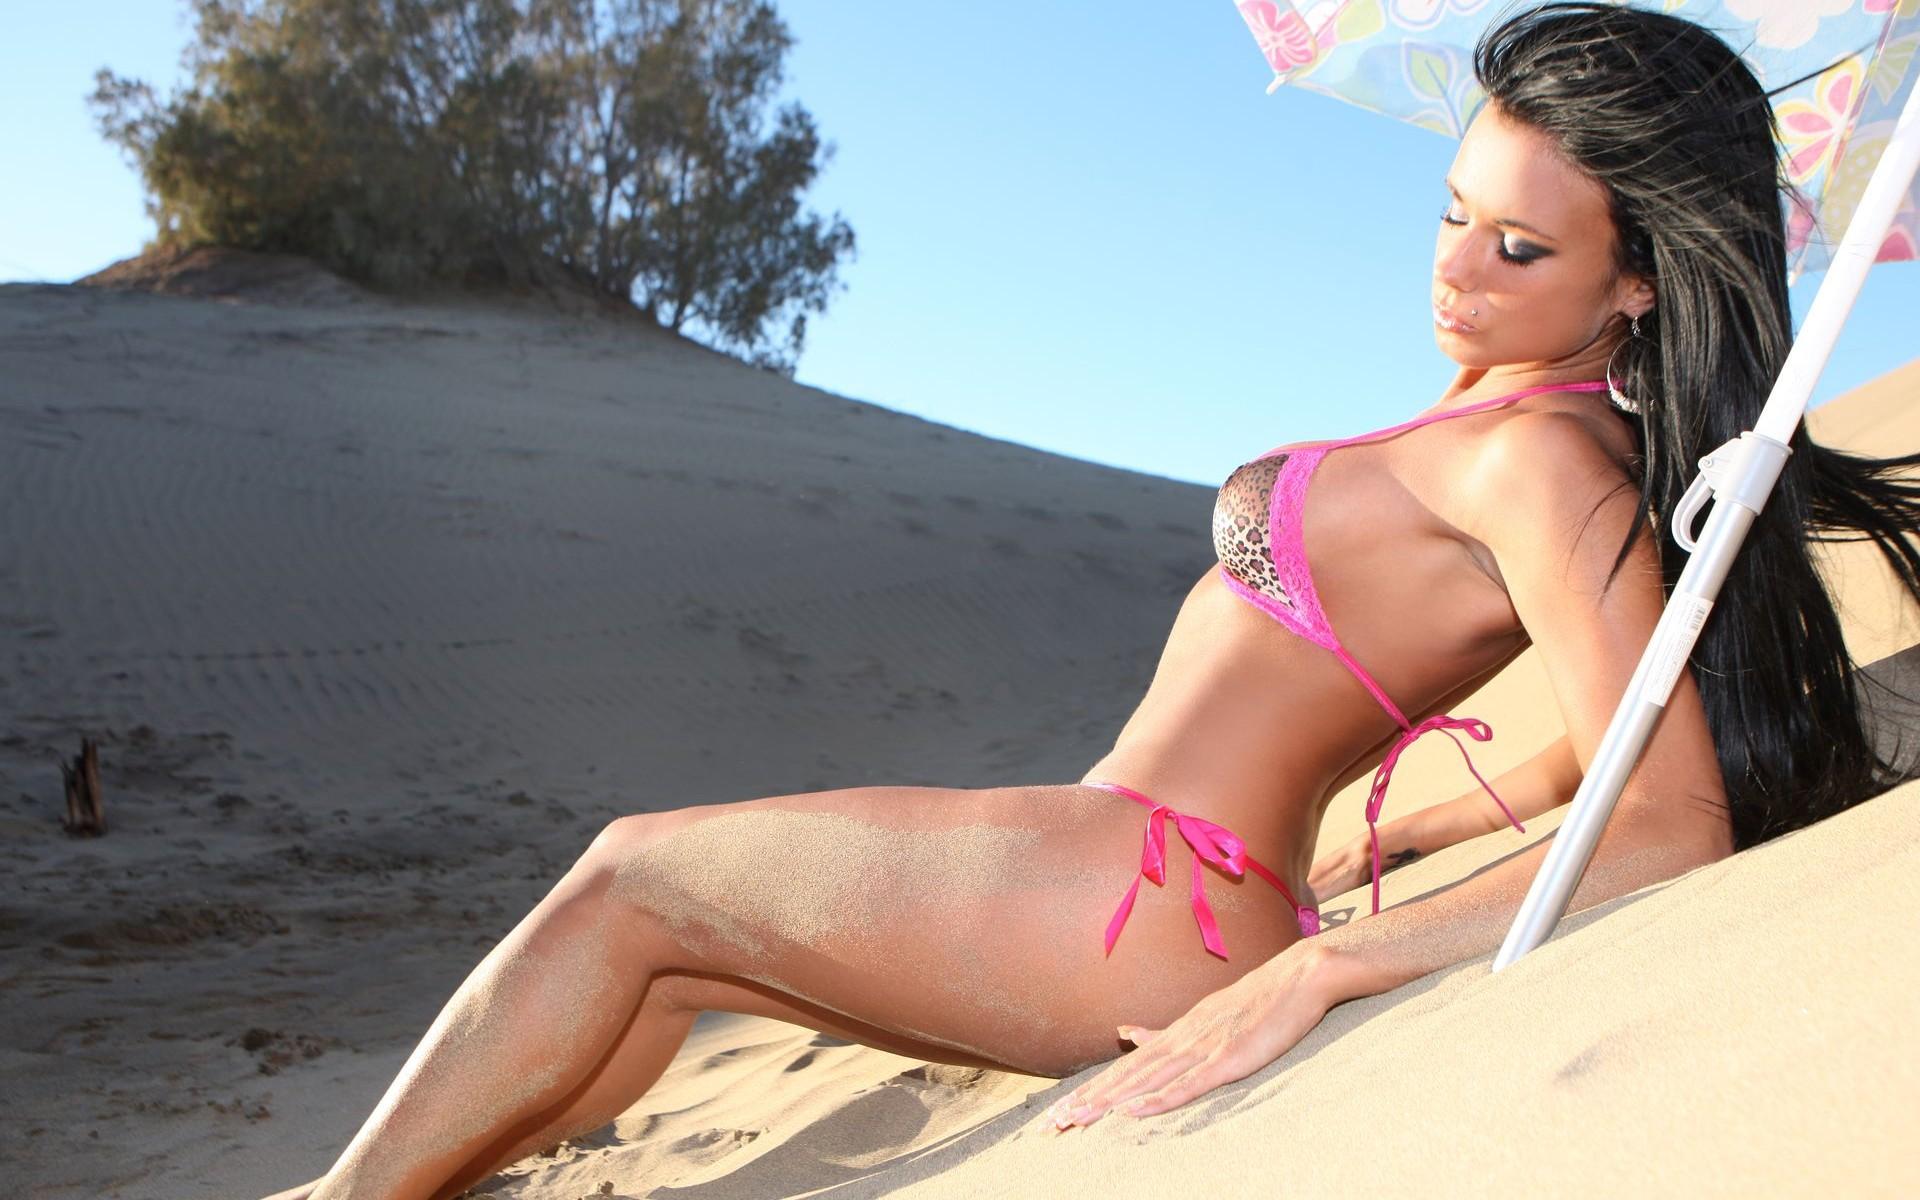 Beautiful Girls On Beaches